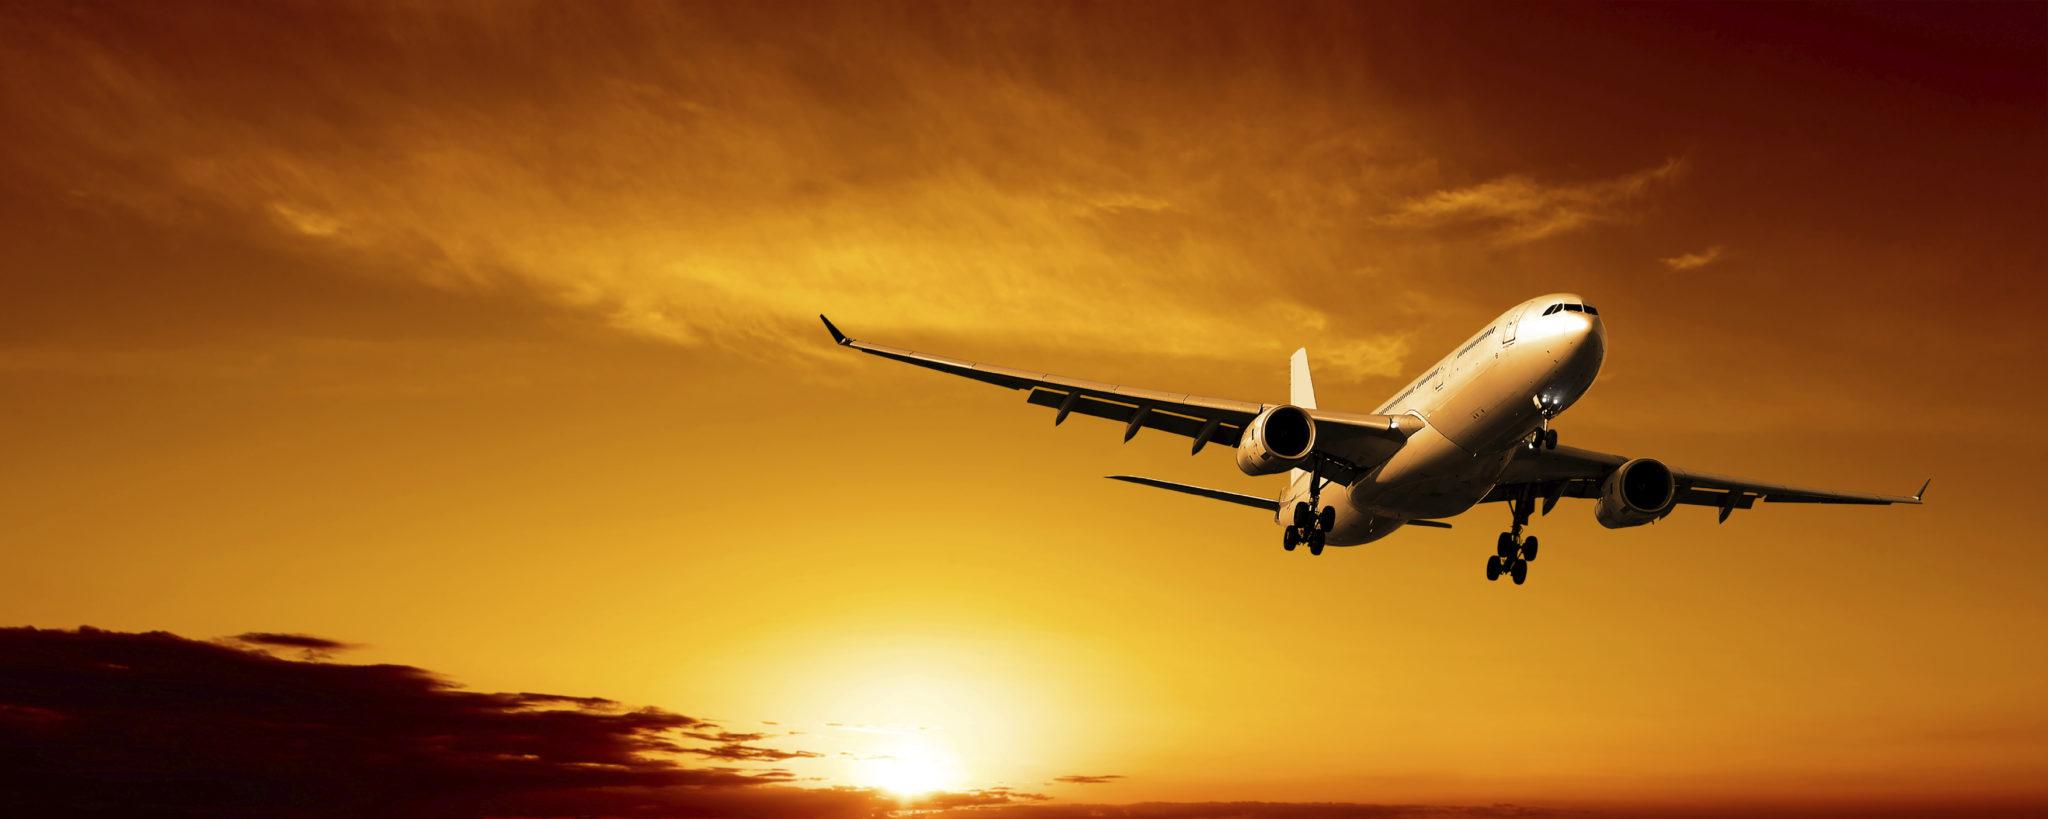 Как утилизируют самолеты и другие воздушные судна?